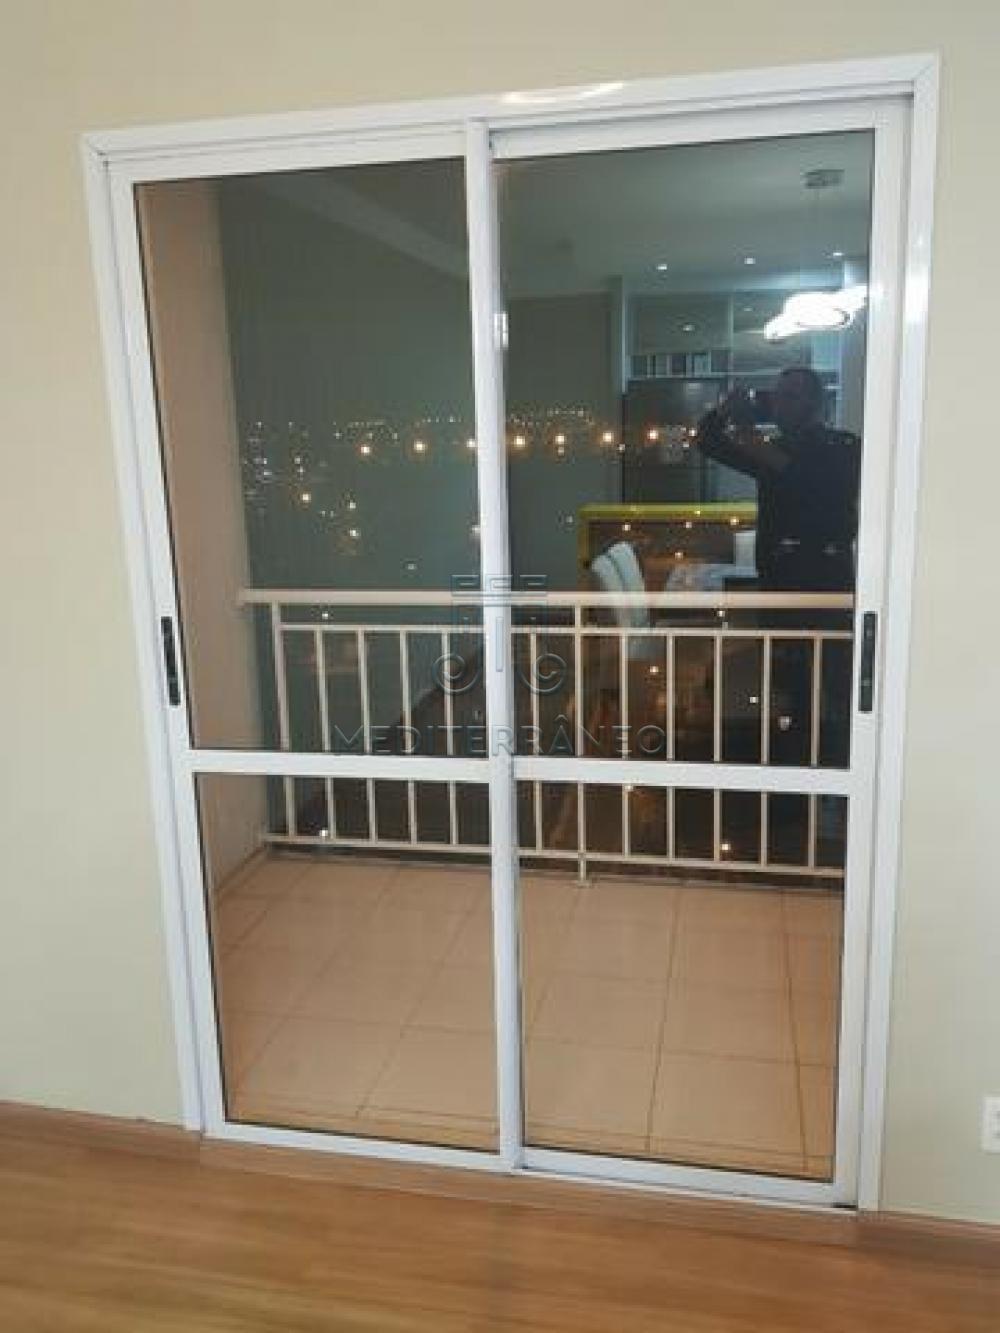 Alugar Apartamento / Padrão em Jundiaí apenas R$ 2.200,00 - Foto 5